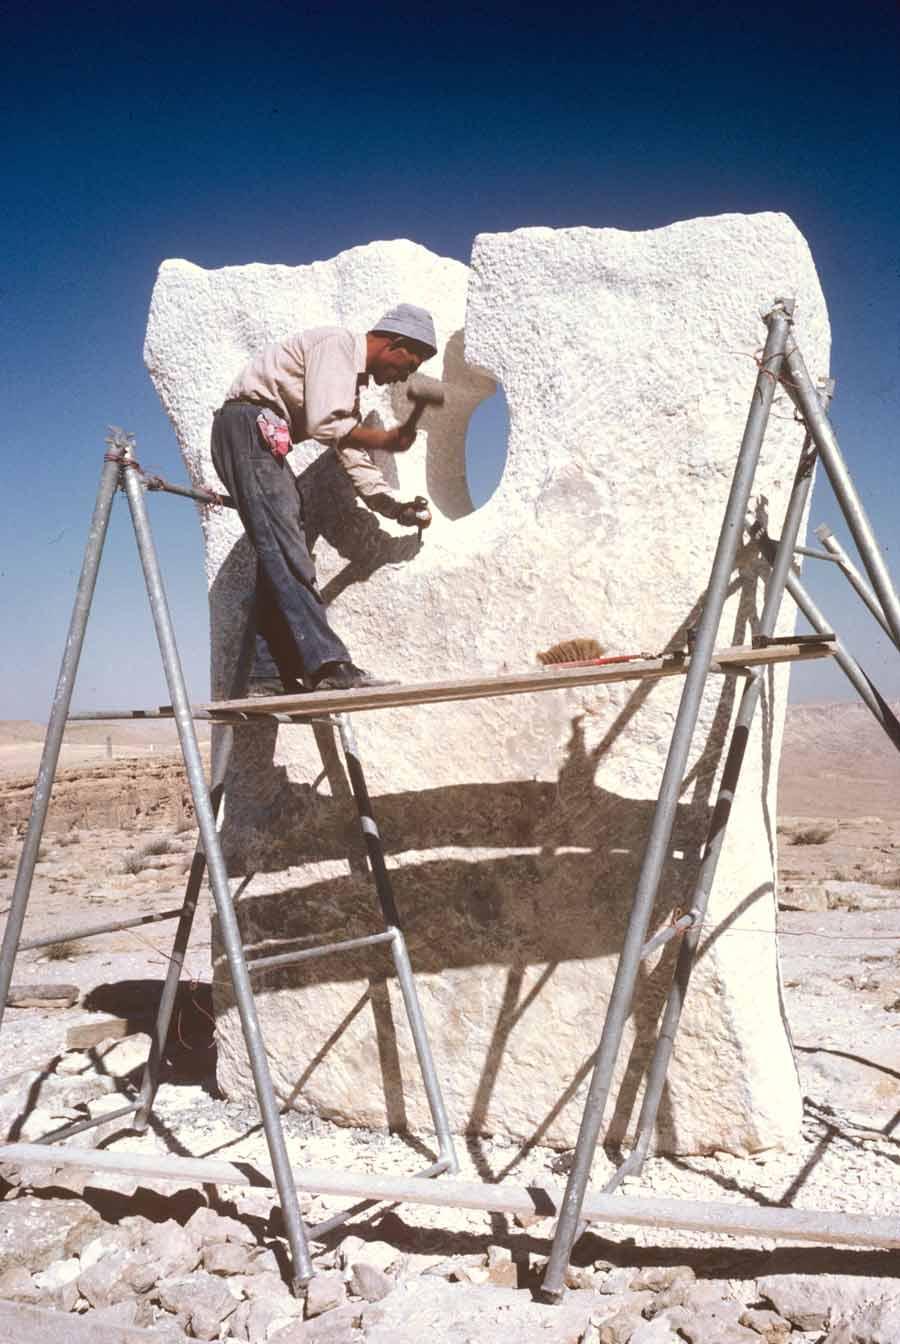 אדם מפסל פסל בעמדו על קלונסאות במדבר